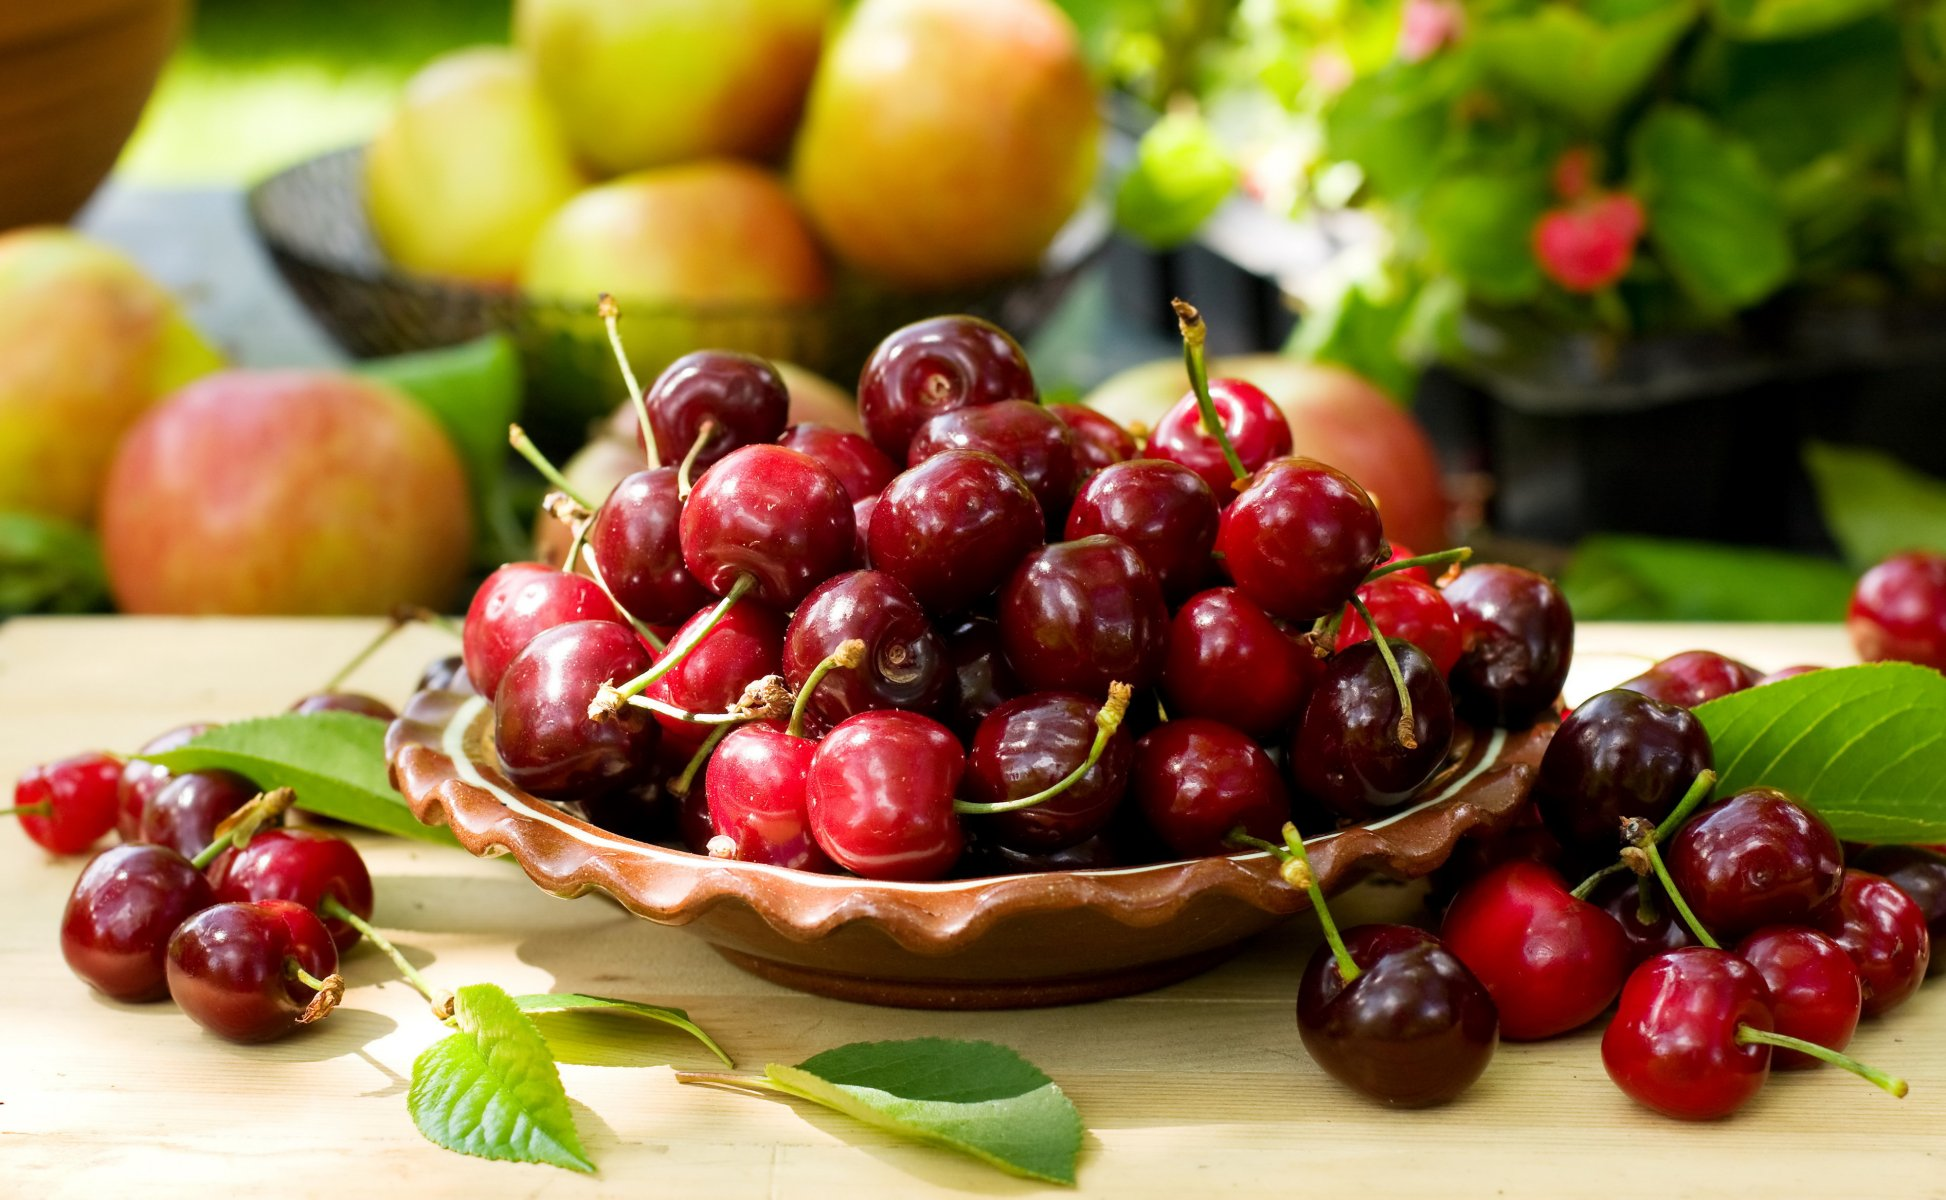 Срок хранения домашнего вишневого варенья с косточками